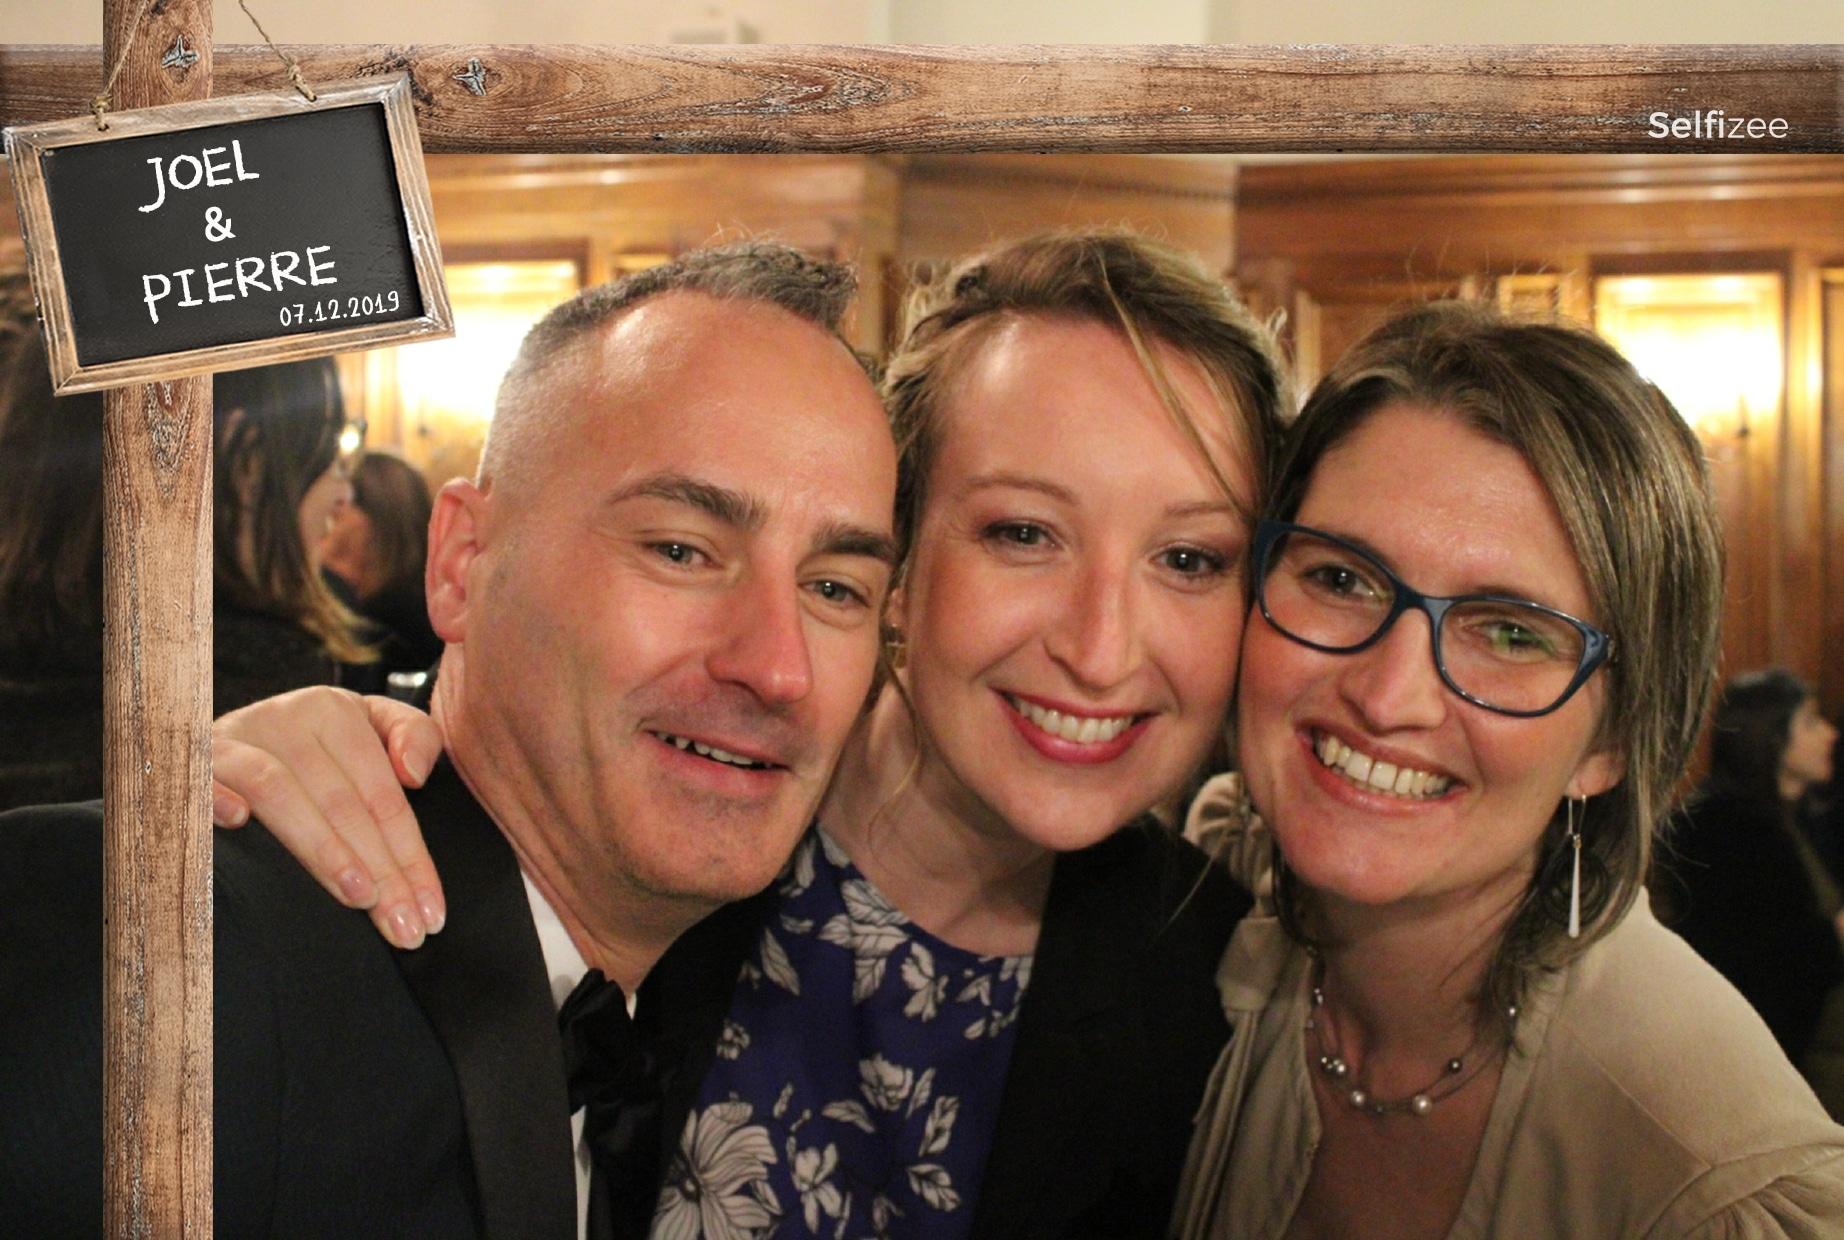 Animation photo mariage à Redon - location borne selfie avec tirages photos personnalisées pour mariage, anniversaire, soirée, fête en Ille et Vilaine / Bretagne